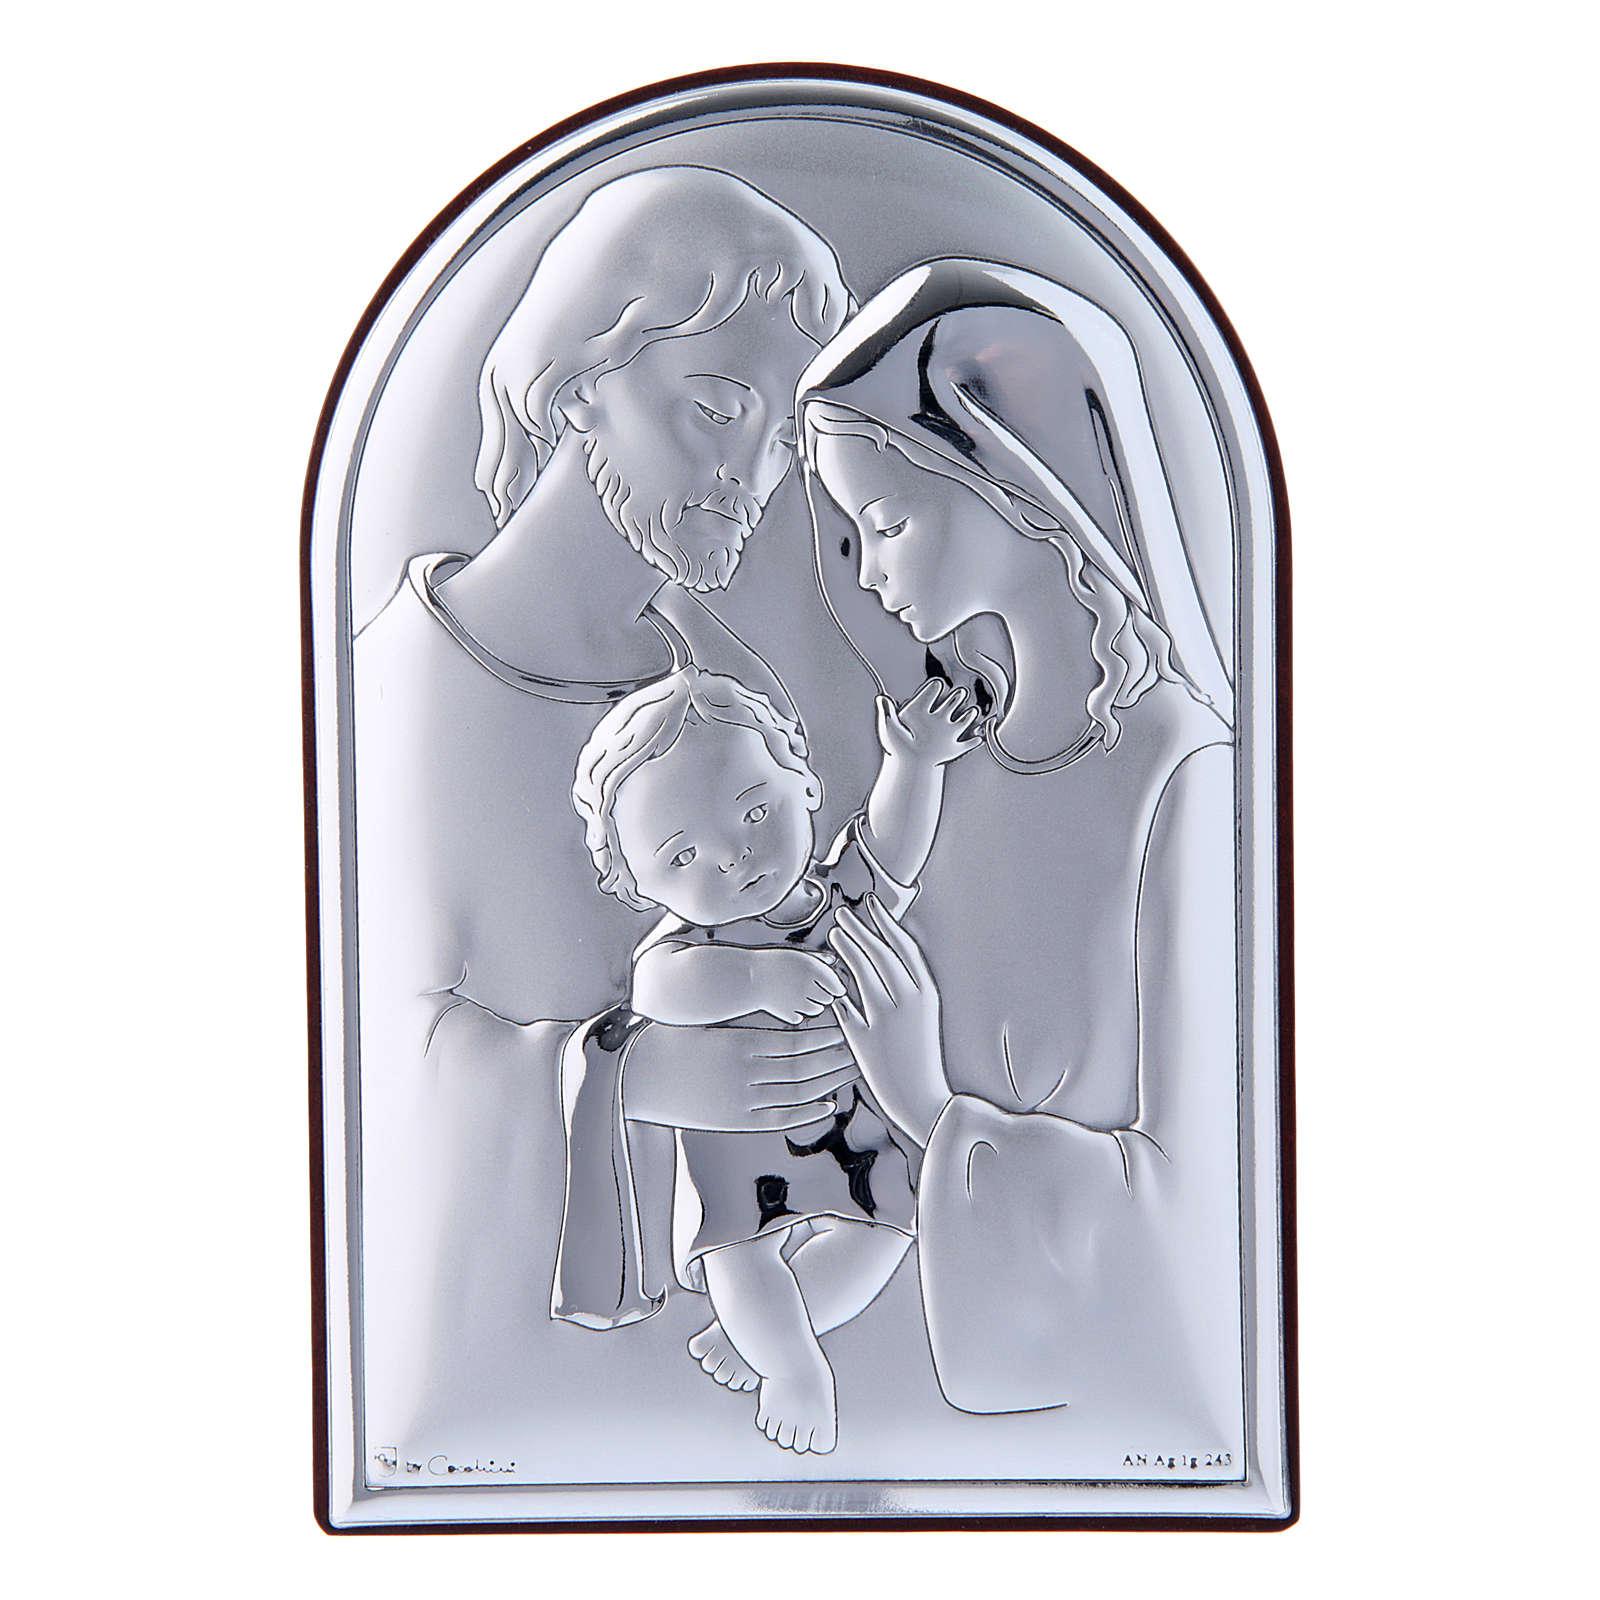 Obraz Święta Rodzina bilaminat tył z prestiżowego drewna 12x8 cm zaokrąglony na górze 4